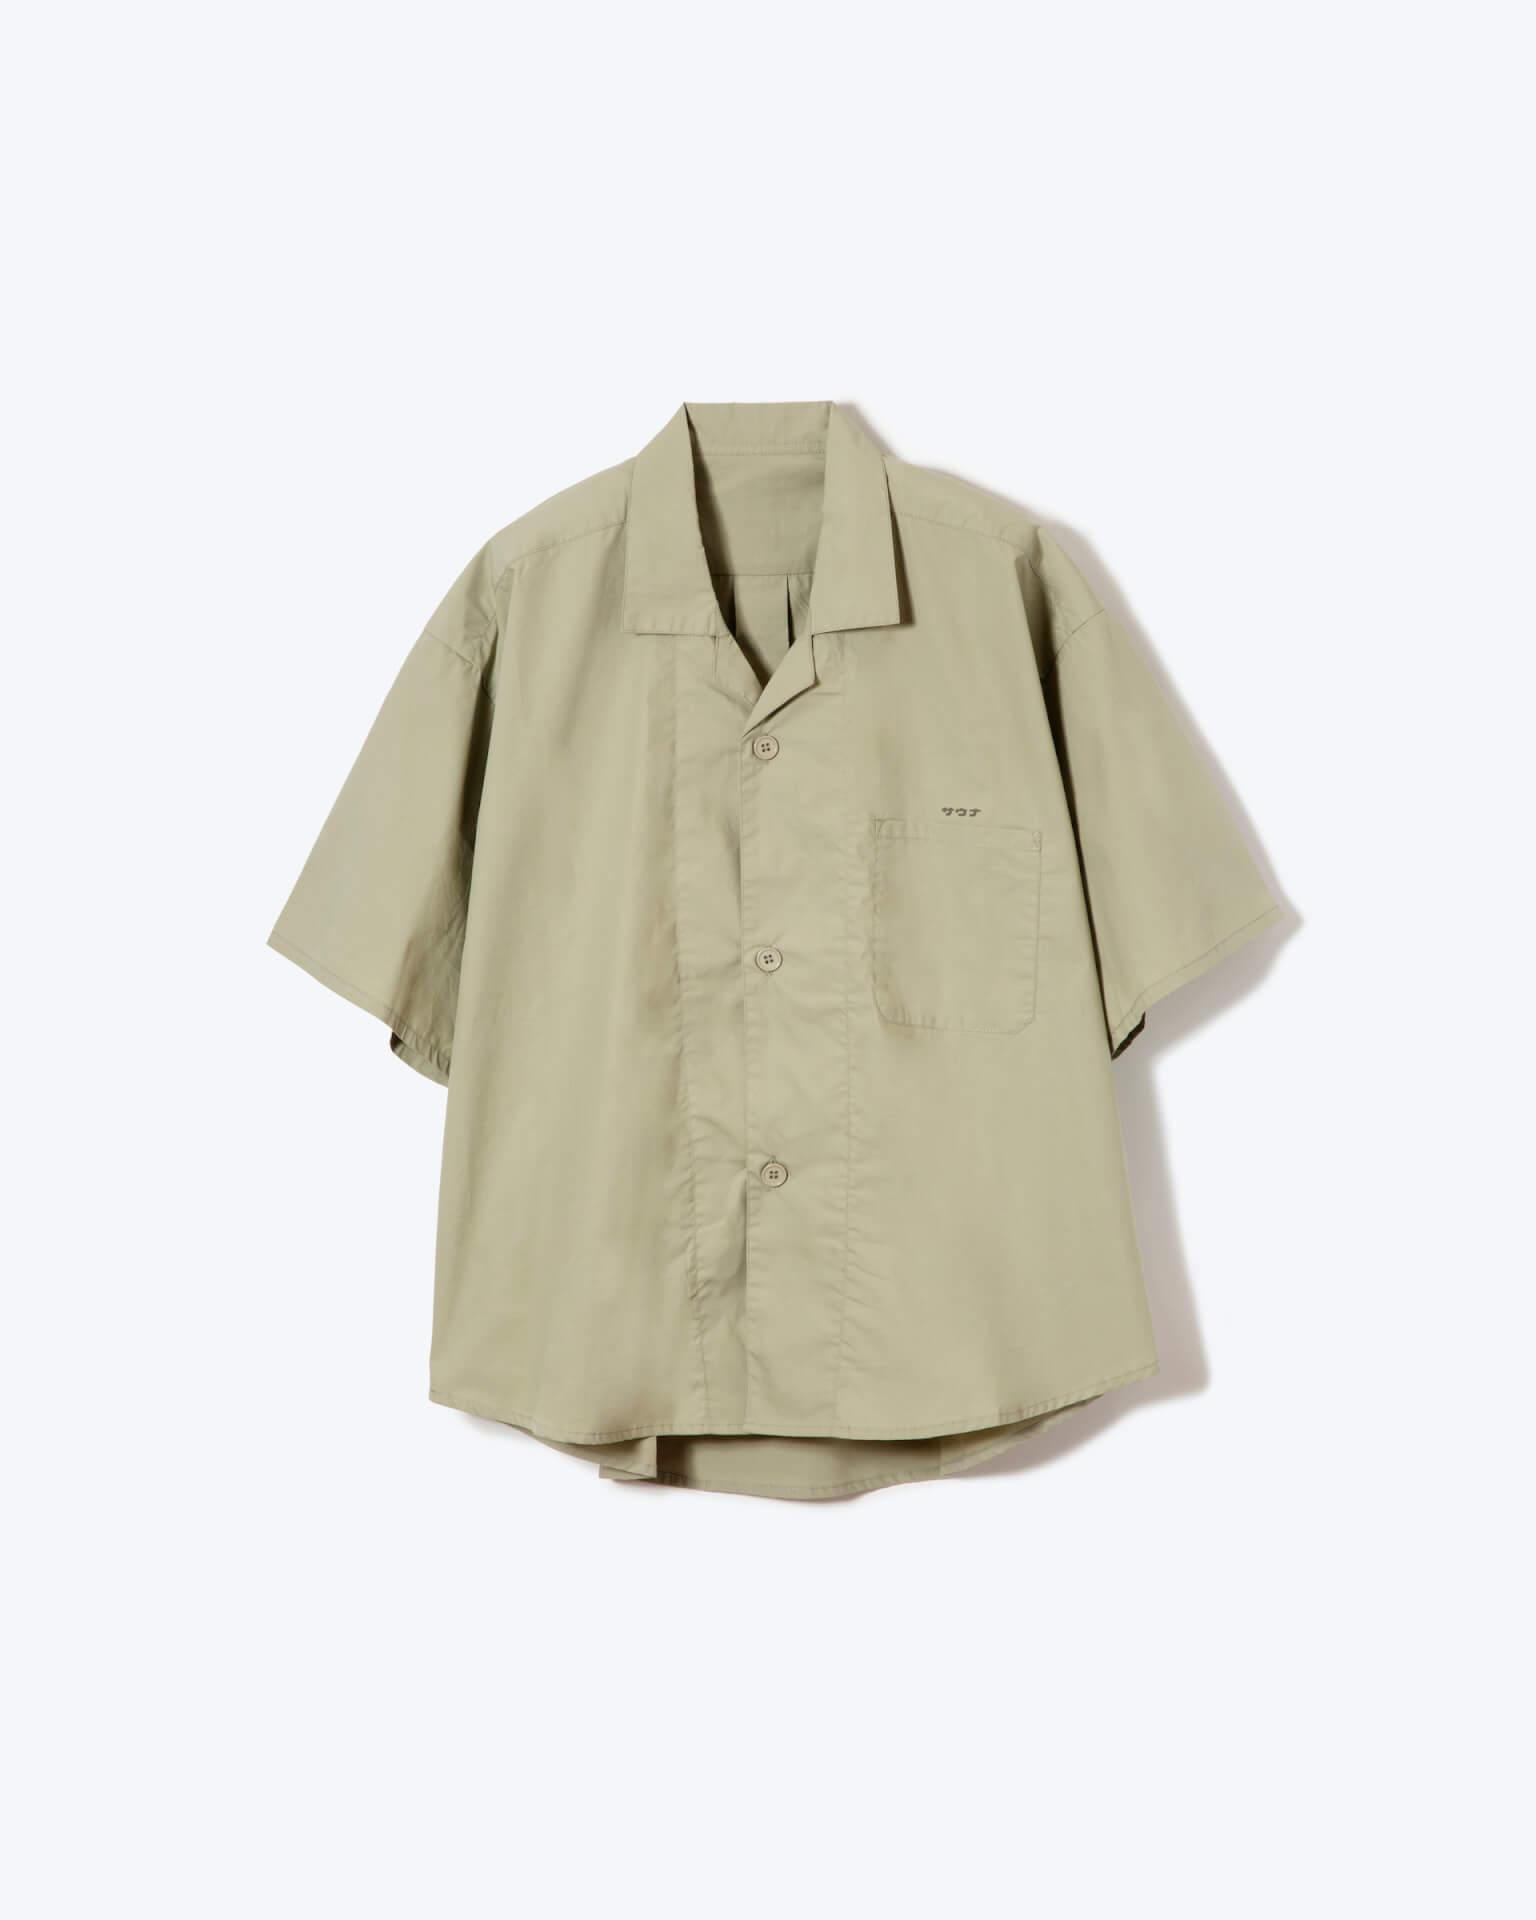 サウナイキタイのサウナグッズ2021年夏バージョンが発売!ペリカンシャツ、サコッシュなど5アイテムが登場 life210729_saunaikitai_6